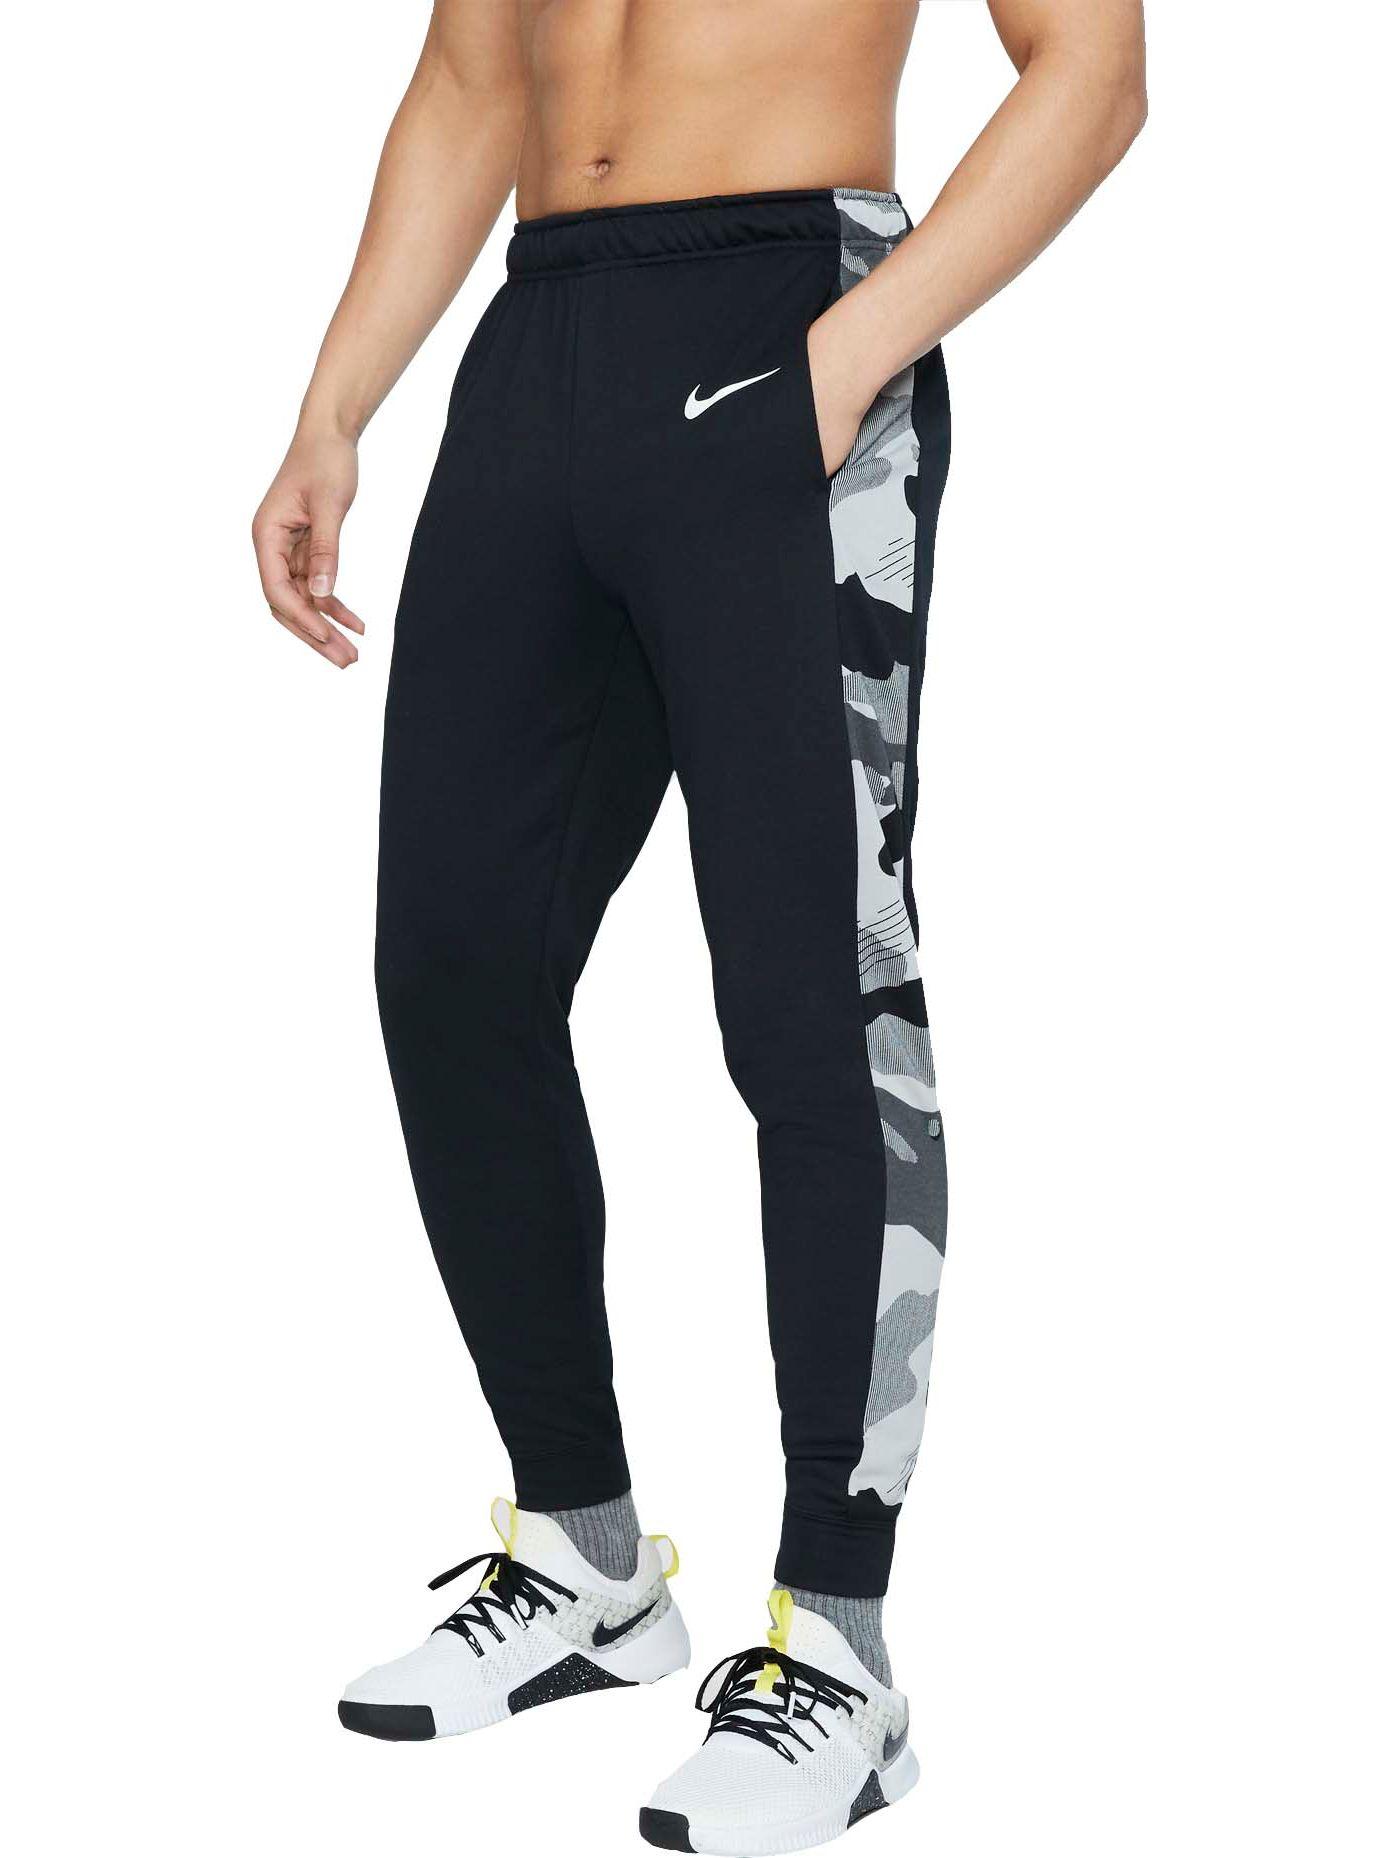 Nike Men's Dri-FIT Tapered Training Pants